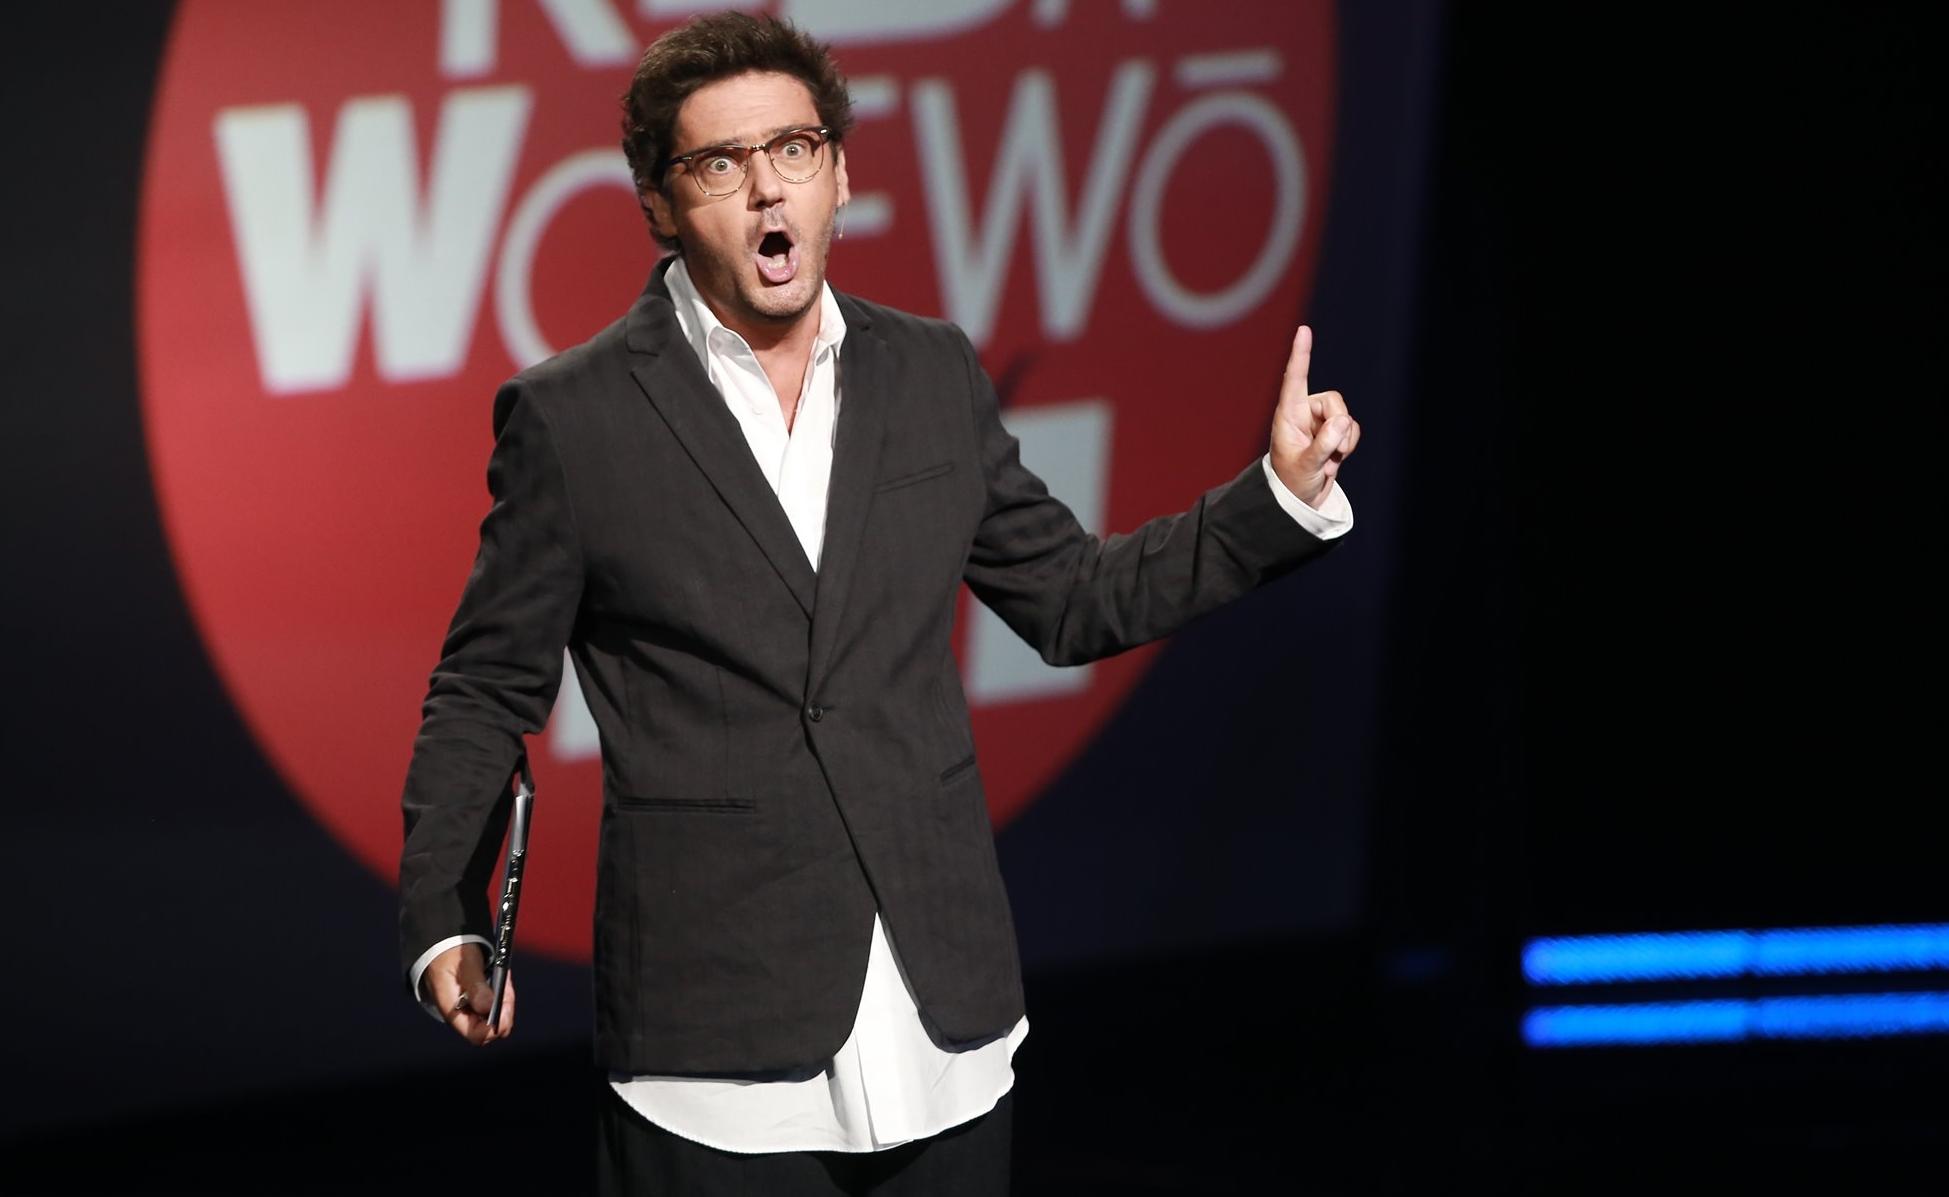 Kuba Wojewódzki jednak zostaje w TVN? Dyrektor programowy: To jest jakaś totalna głupota